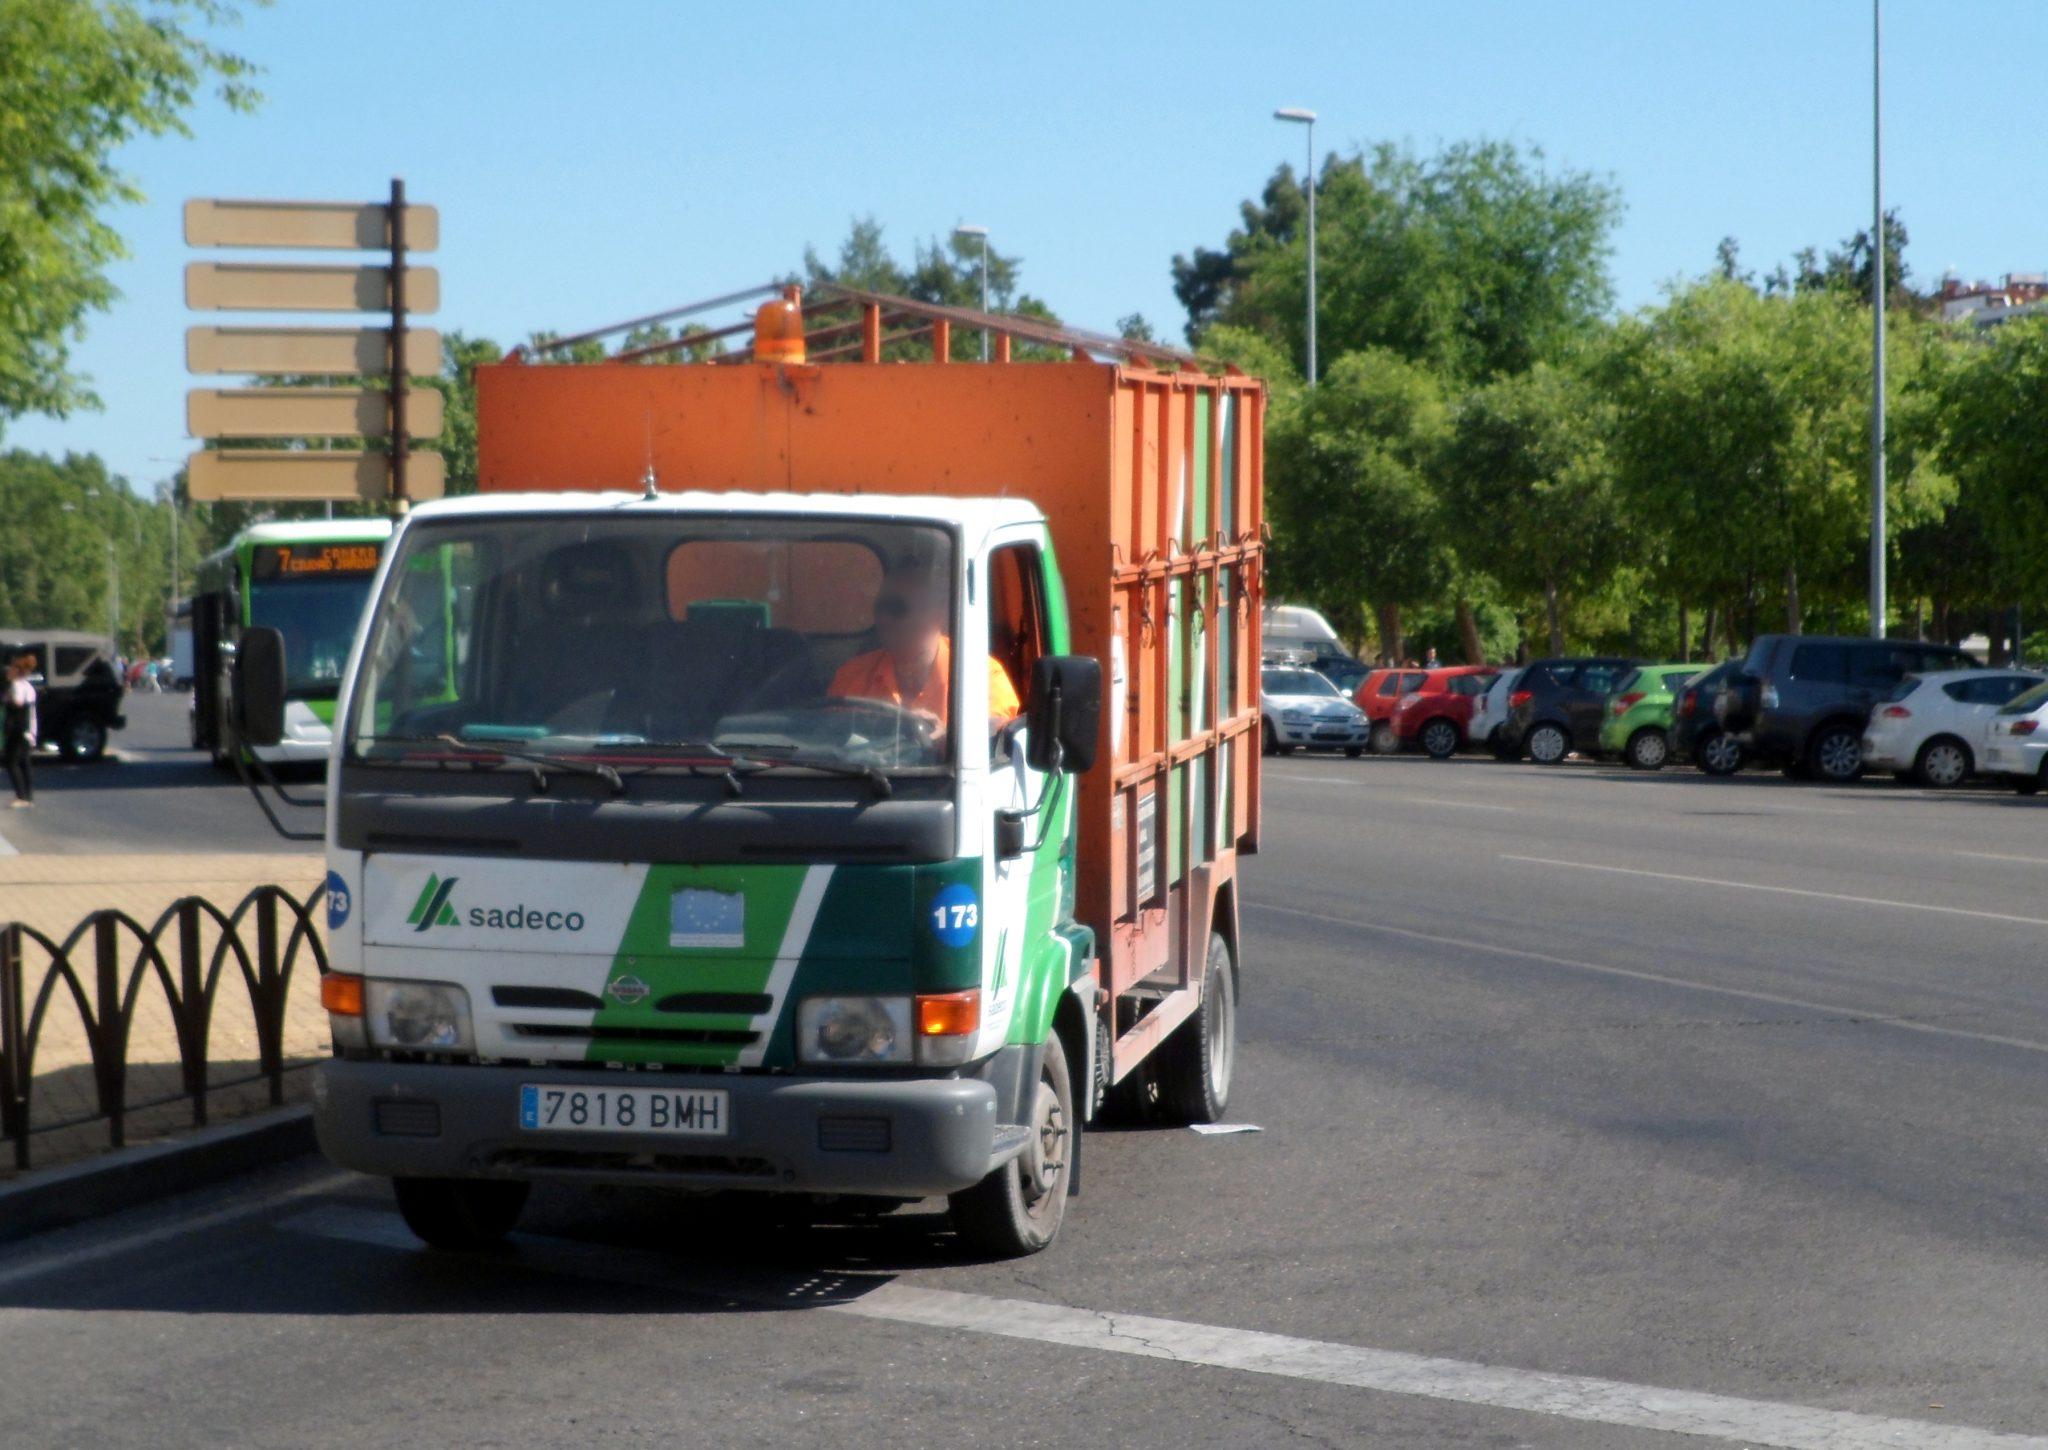 El Movimiento Ciudadano urge a Sadeco a mejorar el servicio de recogida de enseres